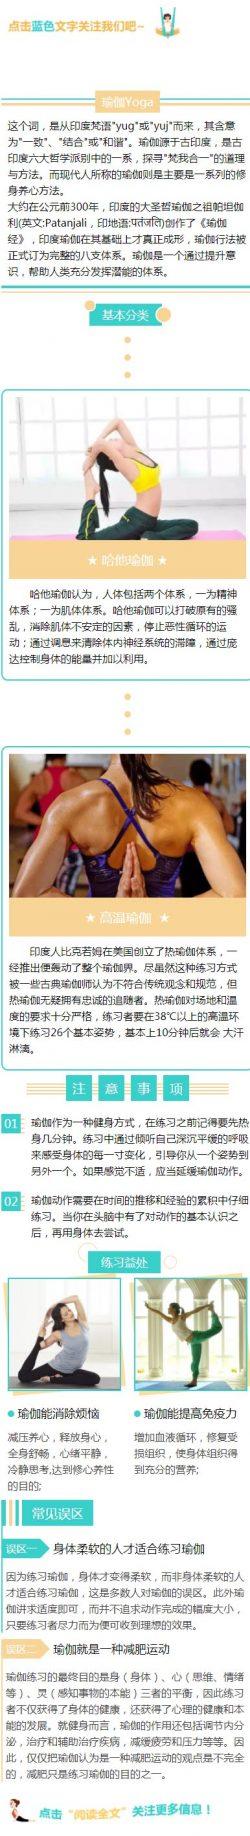 印度瑜伽Yoga介绍百科